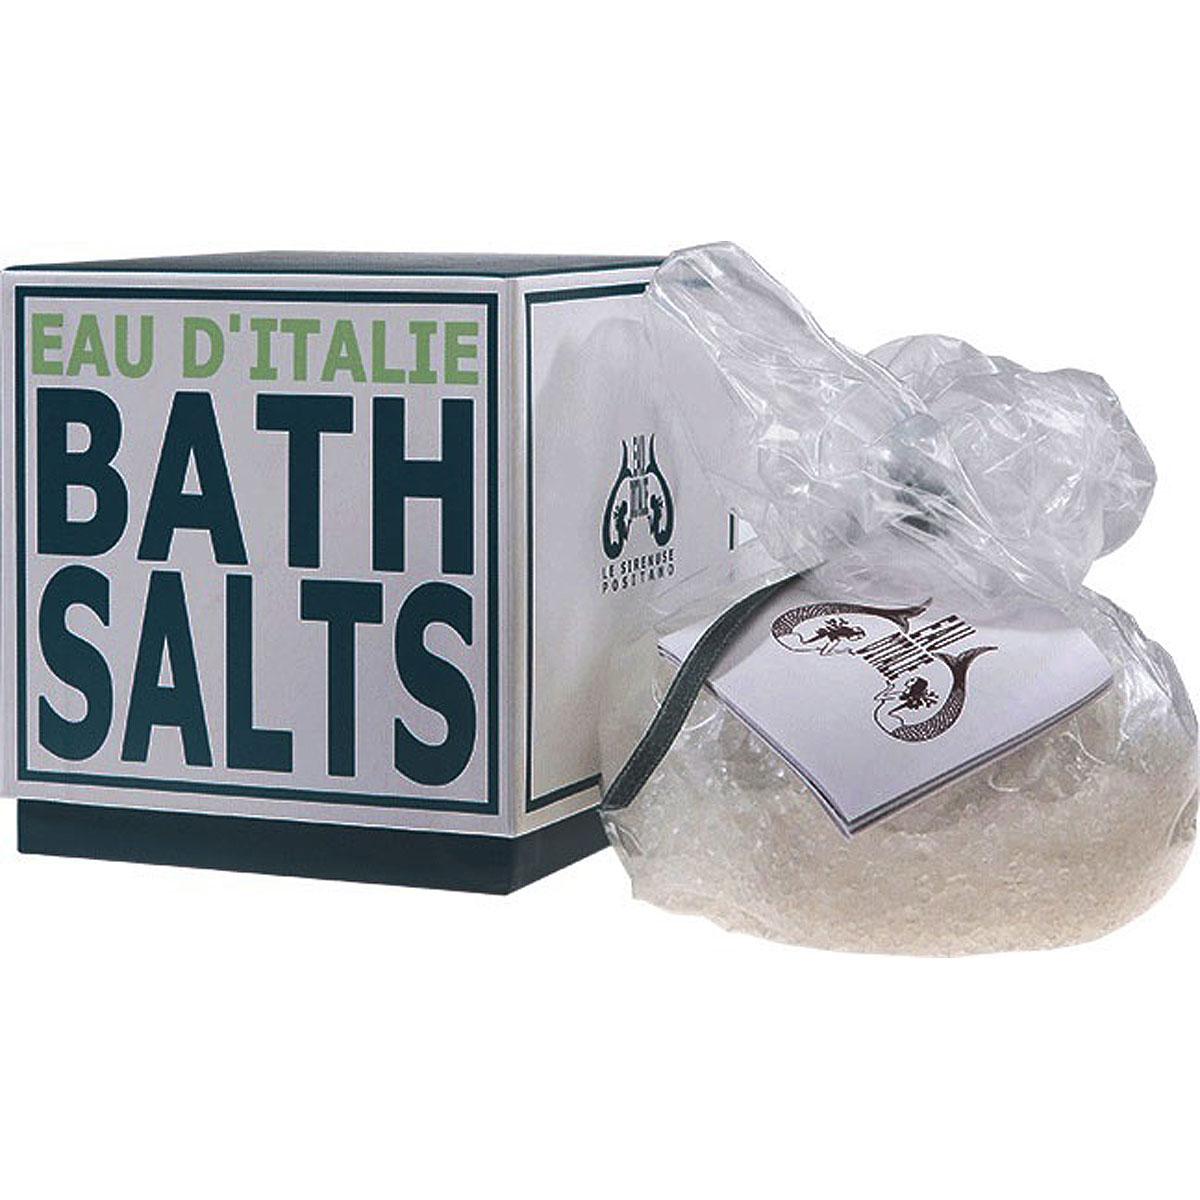 Eau D Italie Beauty for Men, Eau D Italie - Bath Salts - 500 Gr, 2019, 500 gr